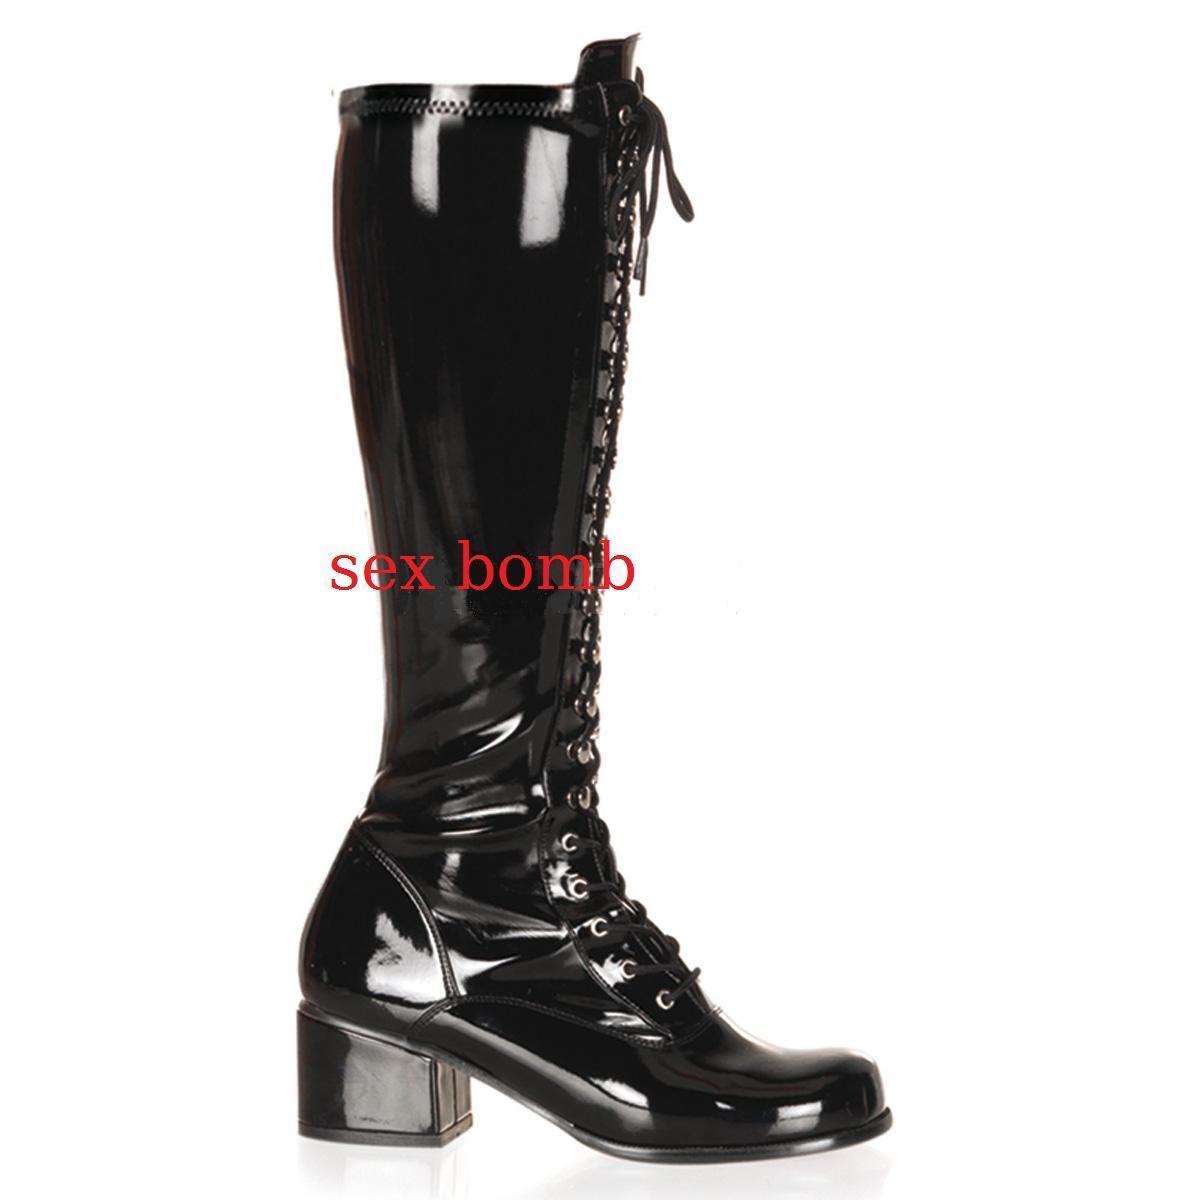 contatore genuino Sexy STIVALI STRINGATI Tacco 5 cm dal dal dal 36 al 44 Nero Lucido Zip scarpe GLAMOUR  per poco costoso